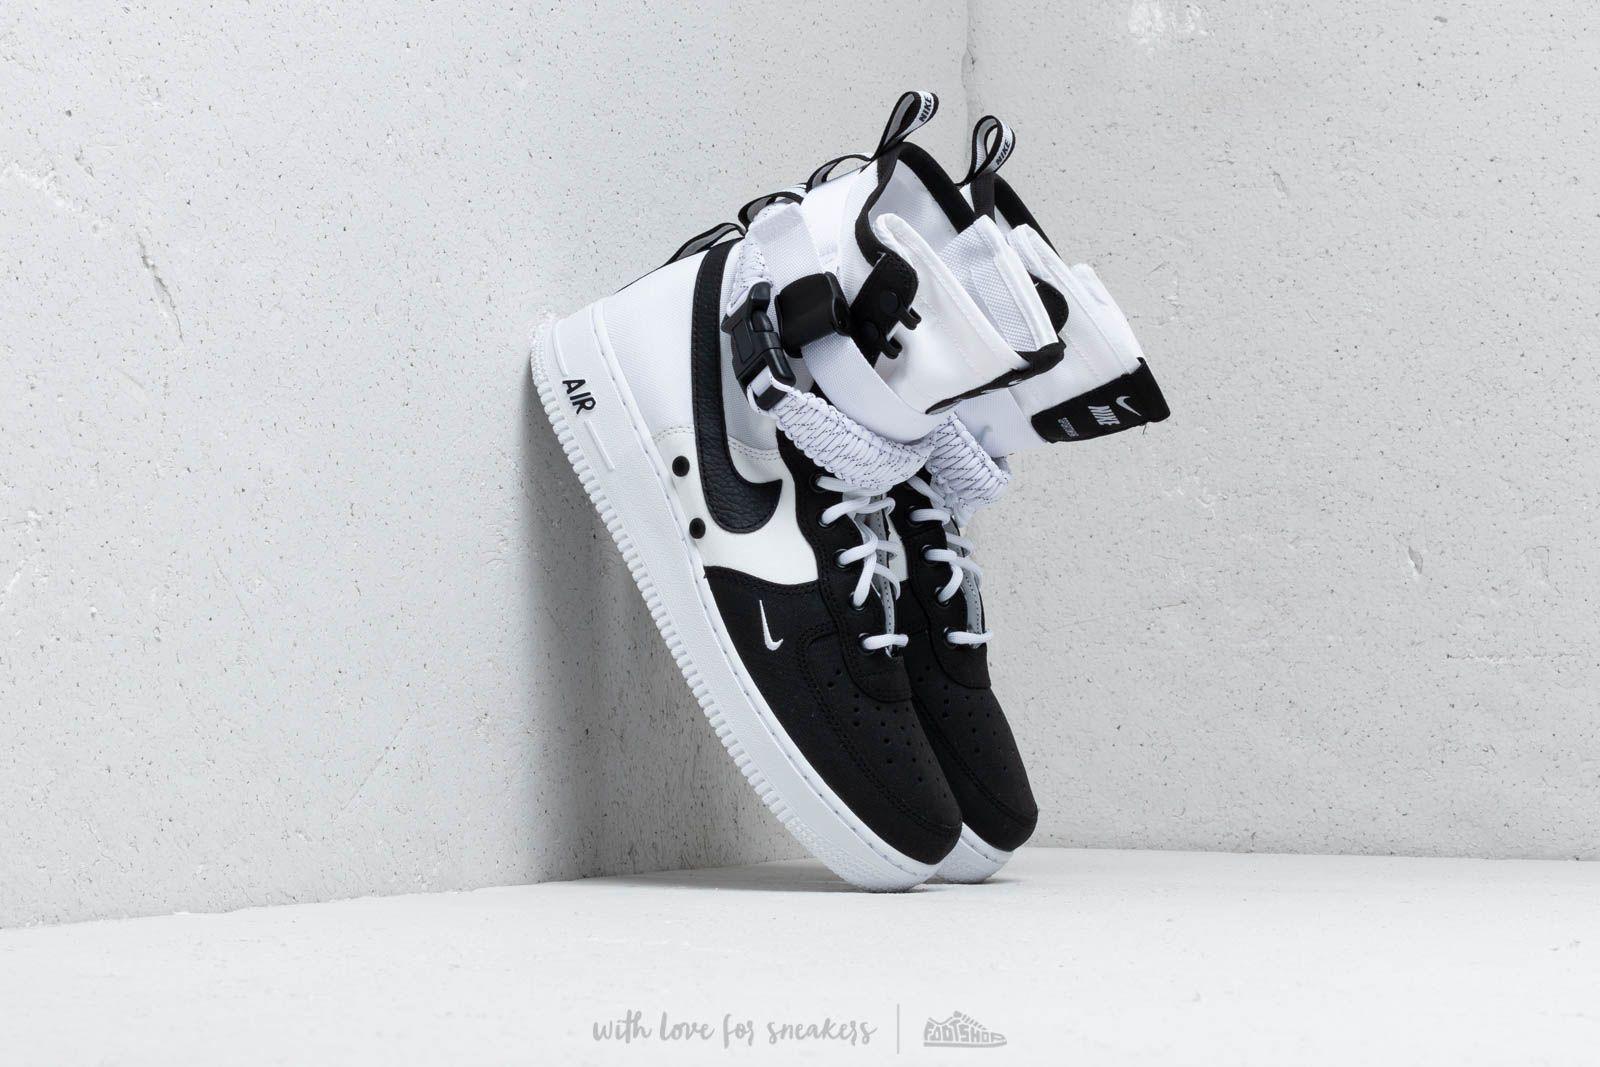 Nike SF Air Force 1 White/ Black/ White